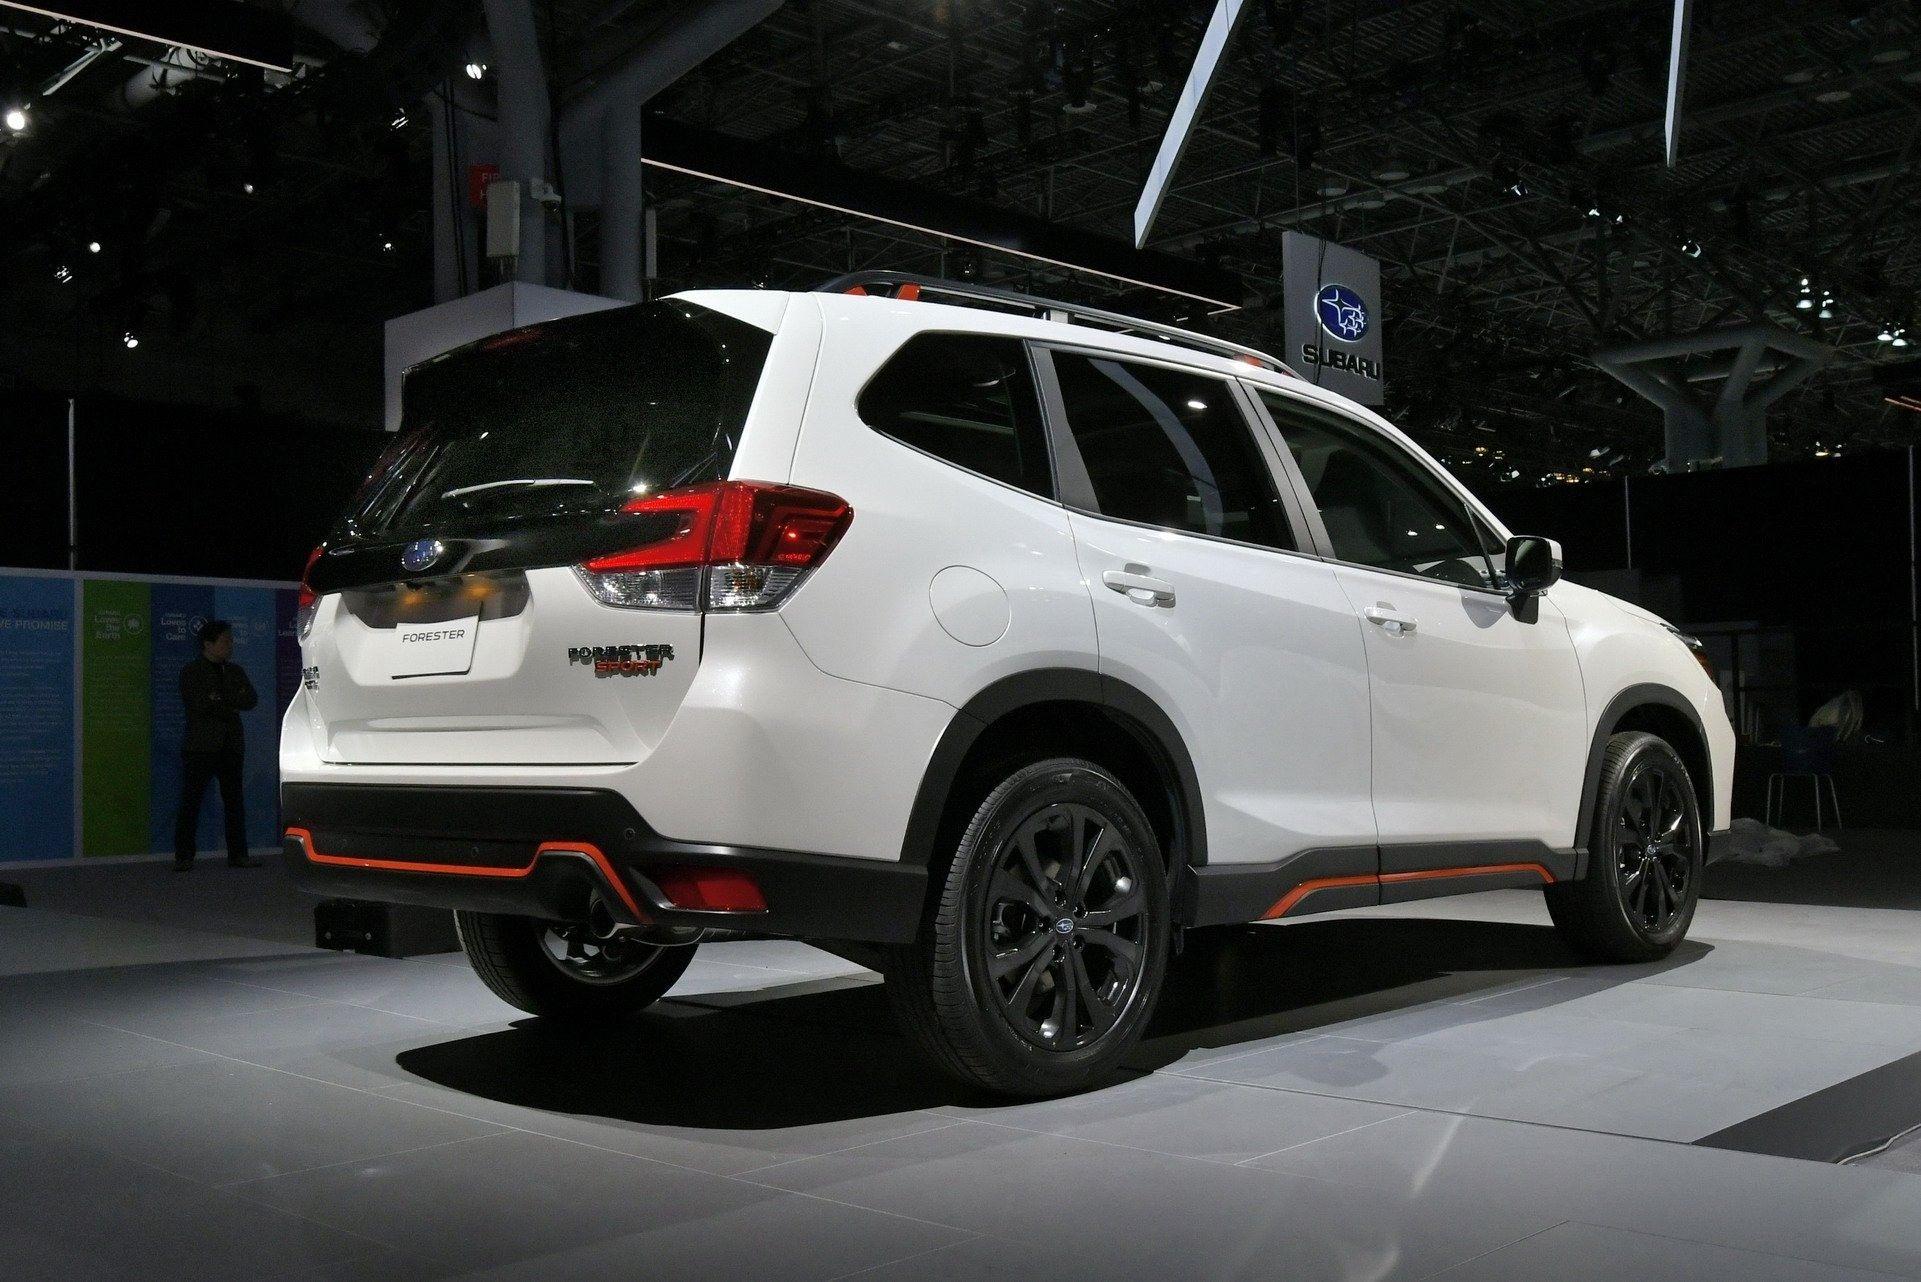 2019 Subaru Sports Exterior and Interior Review Car